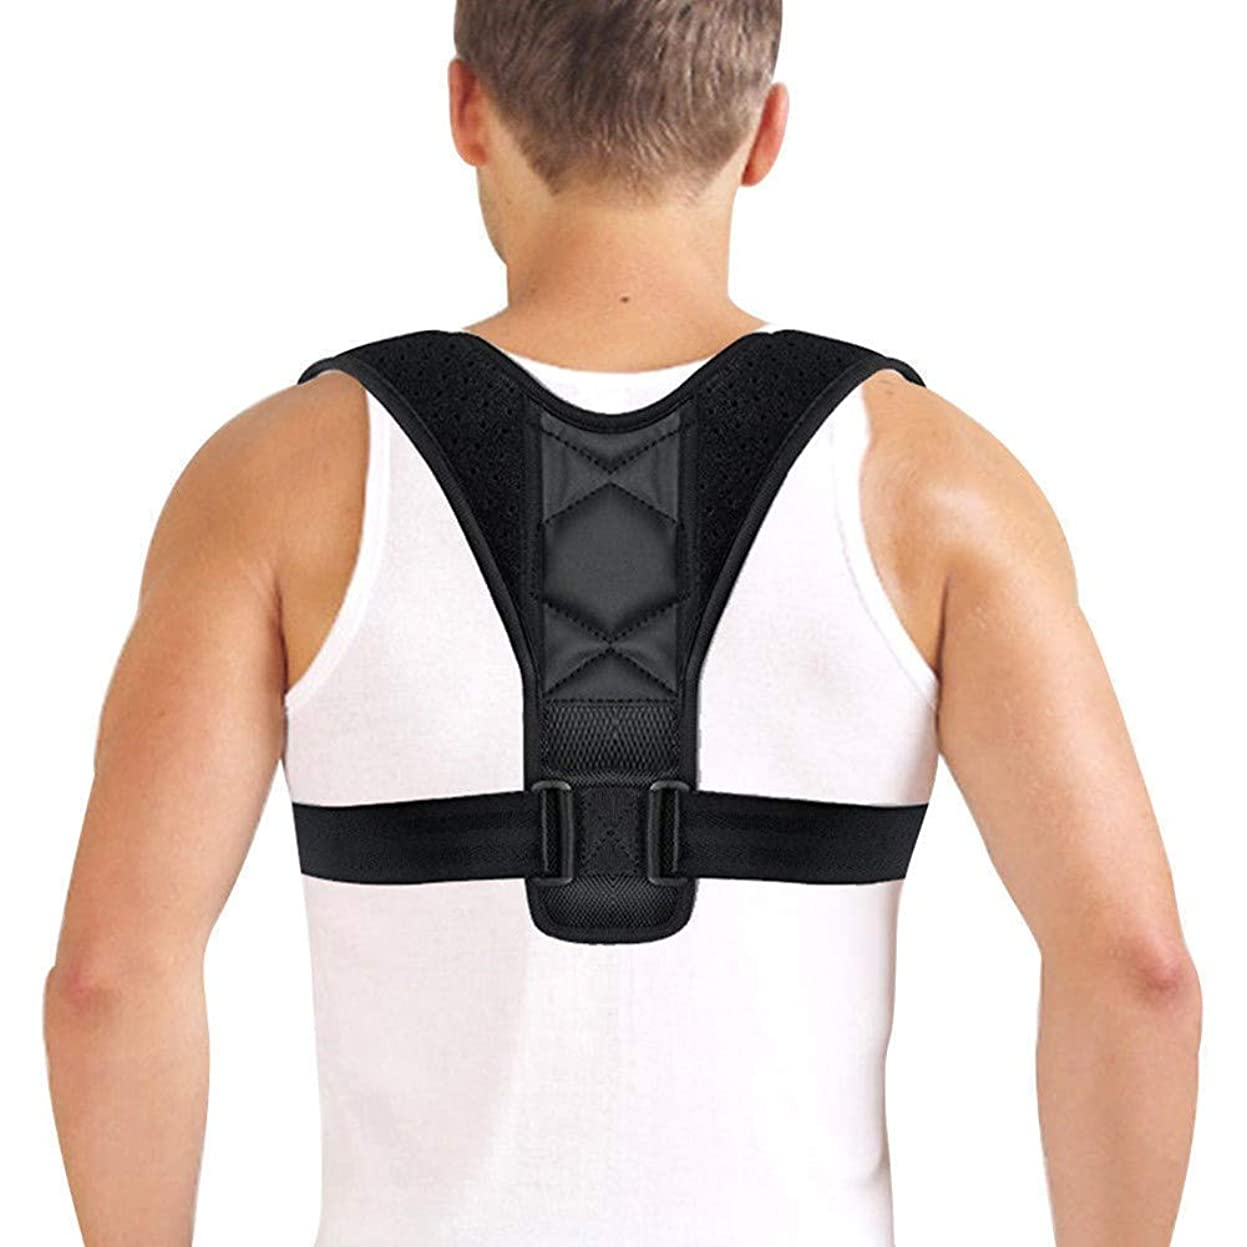 望ましい読みやすい厳密に調節可能な背部姿勢矯正装置鎖骨背骨背部肩腰部装具サポートベルト姿勢矯正は前かがみを防ぎますM